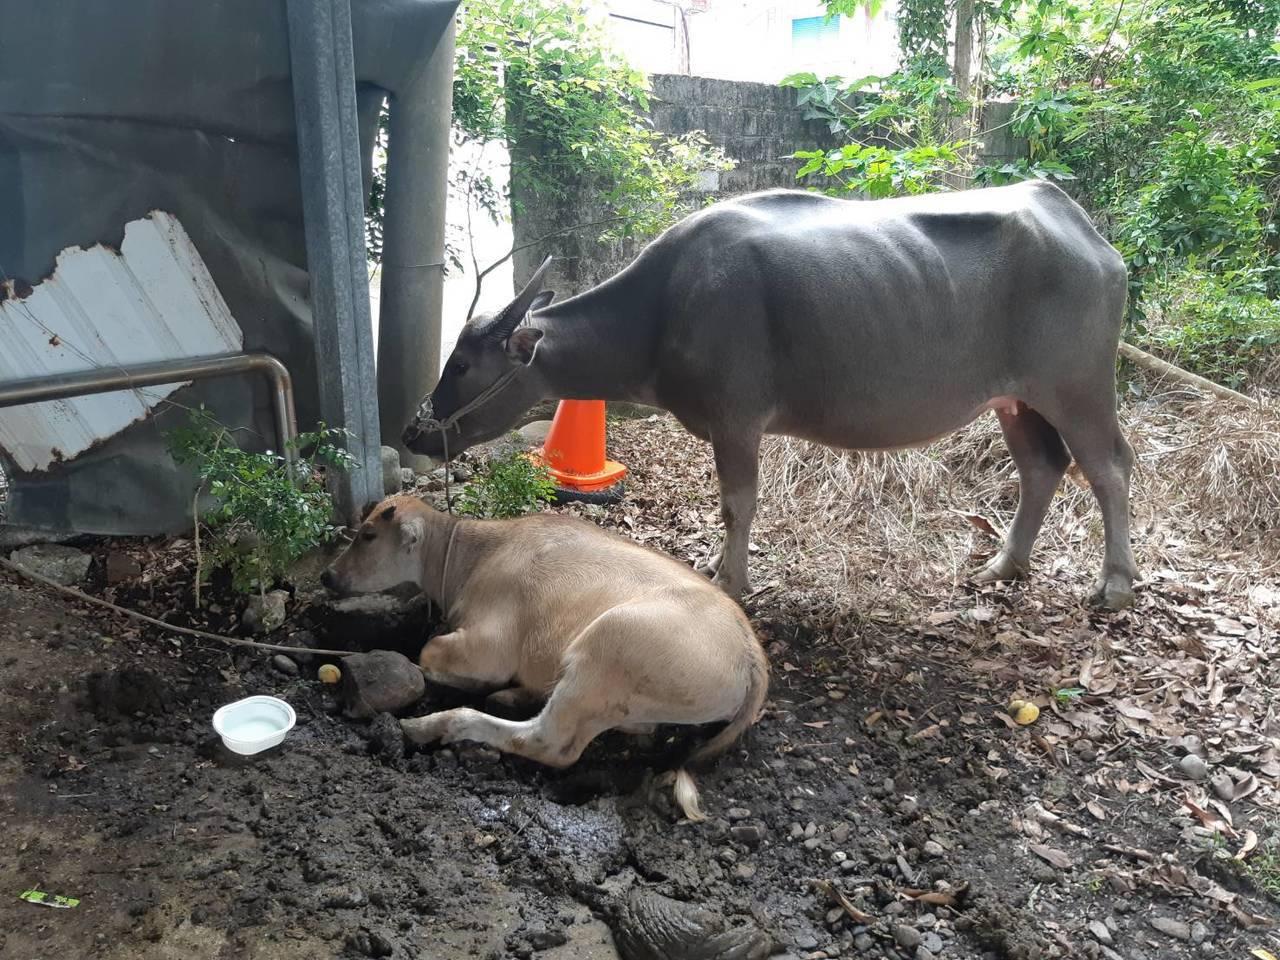 台東縣政府農業處承諾要求養牛戶對飼養牛隻剪耳或夾耳號便於管理。記者尤聰光/翻攝